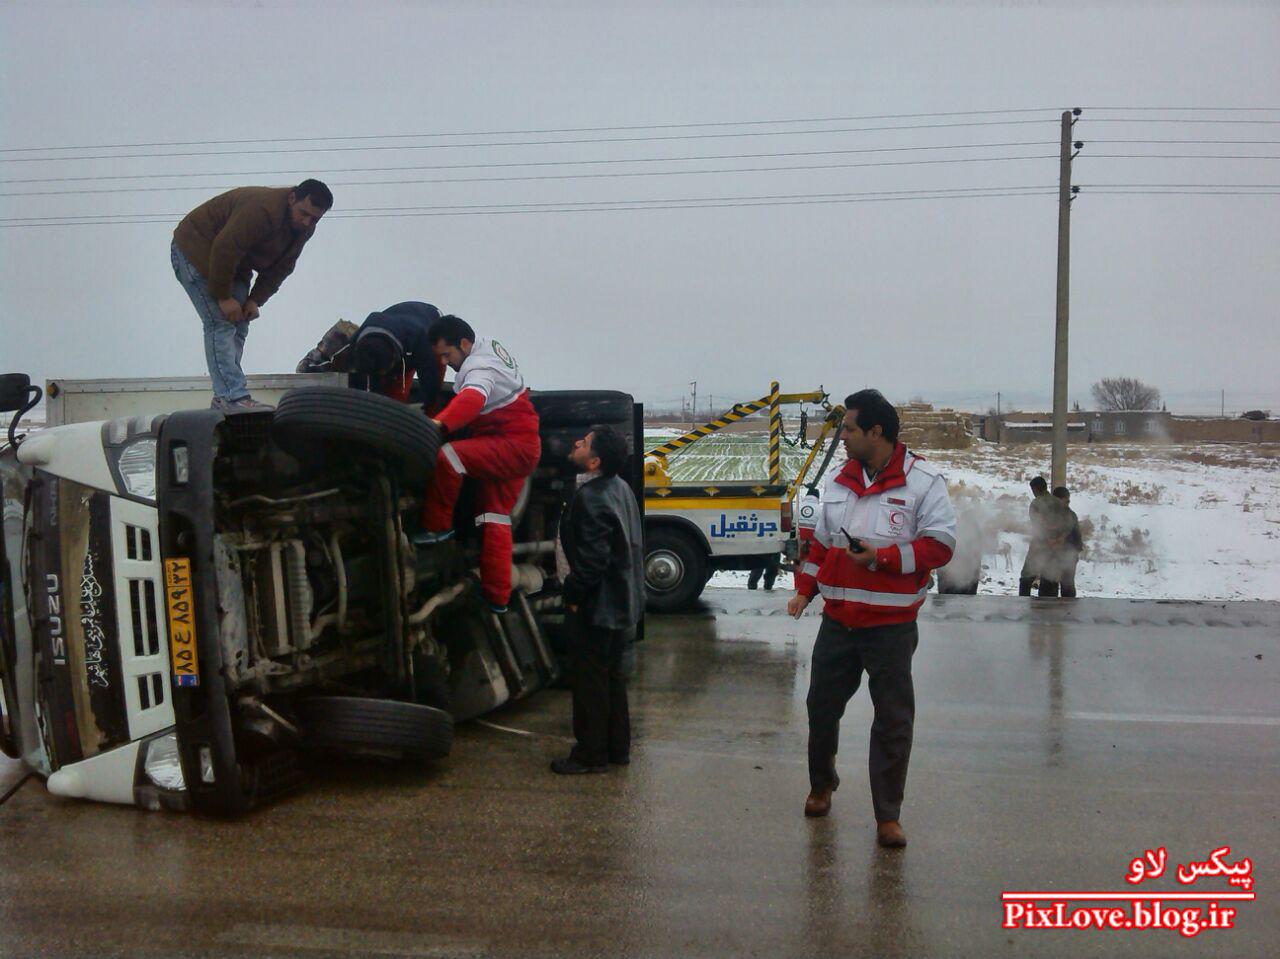 تصادف زنجیره ای مشهد در جاده لغزنده قوچان مشهد